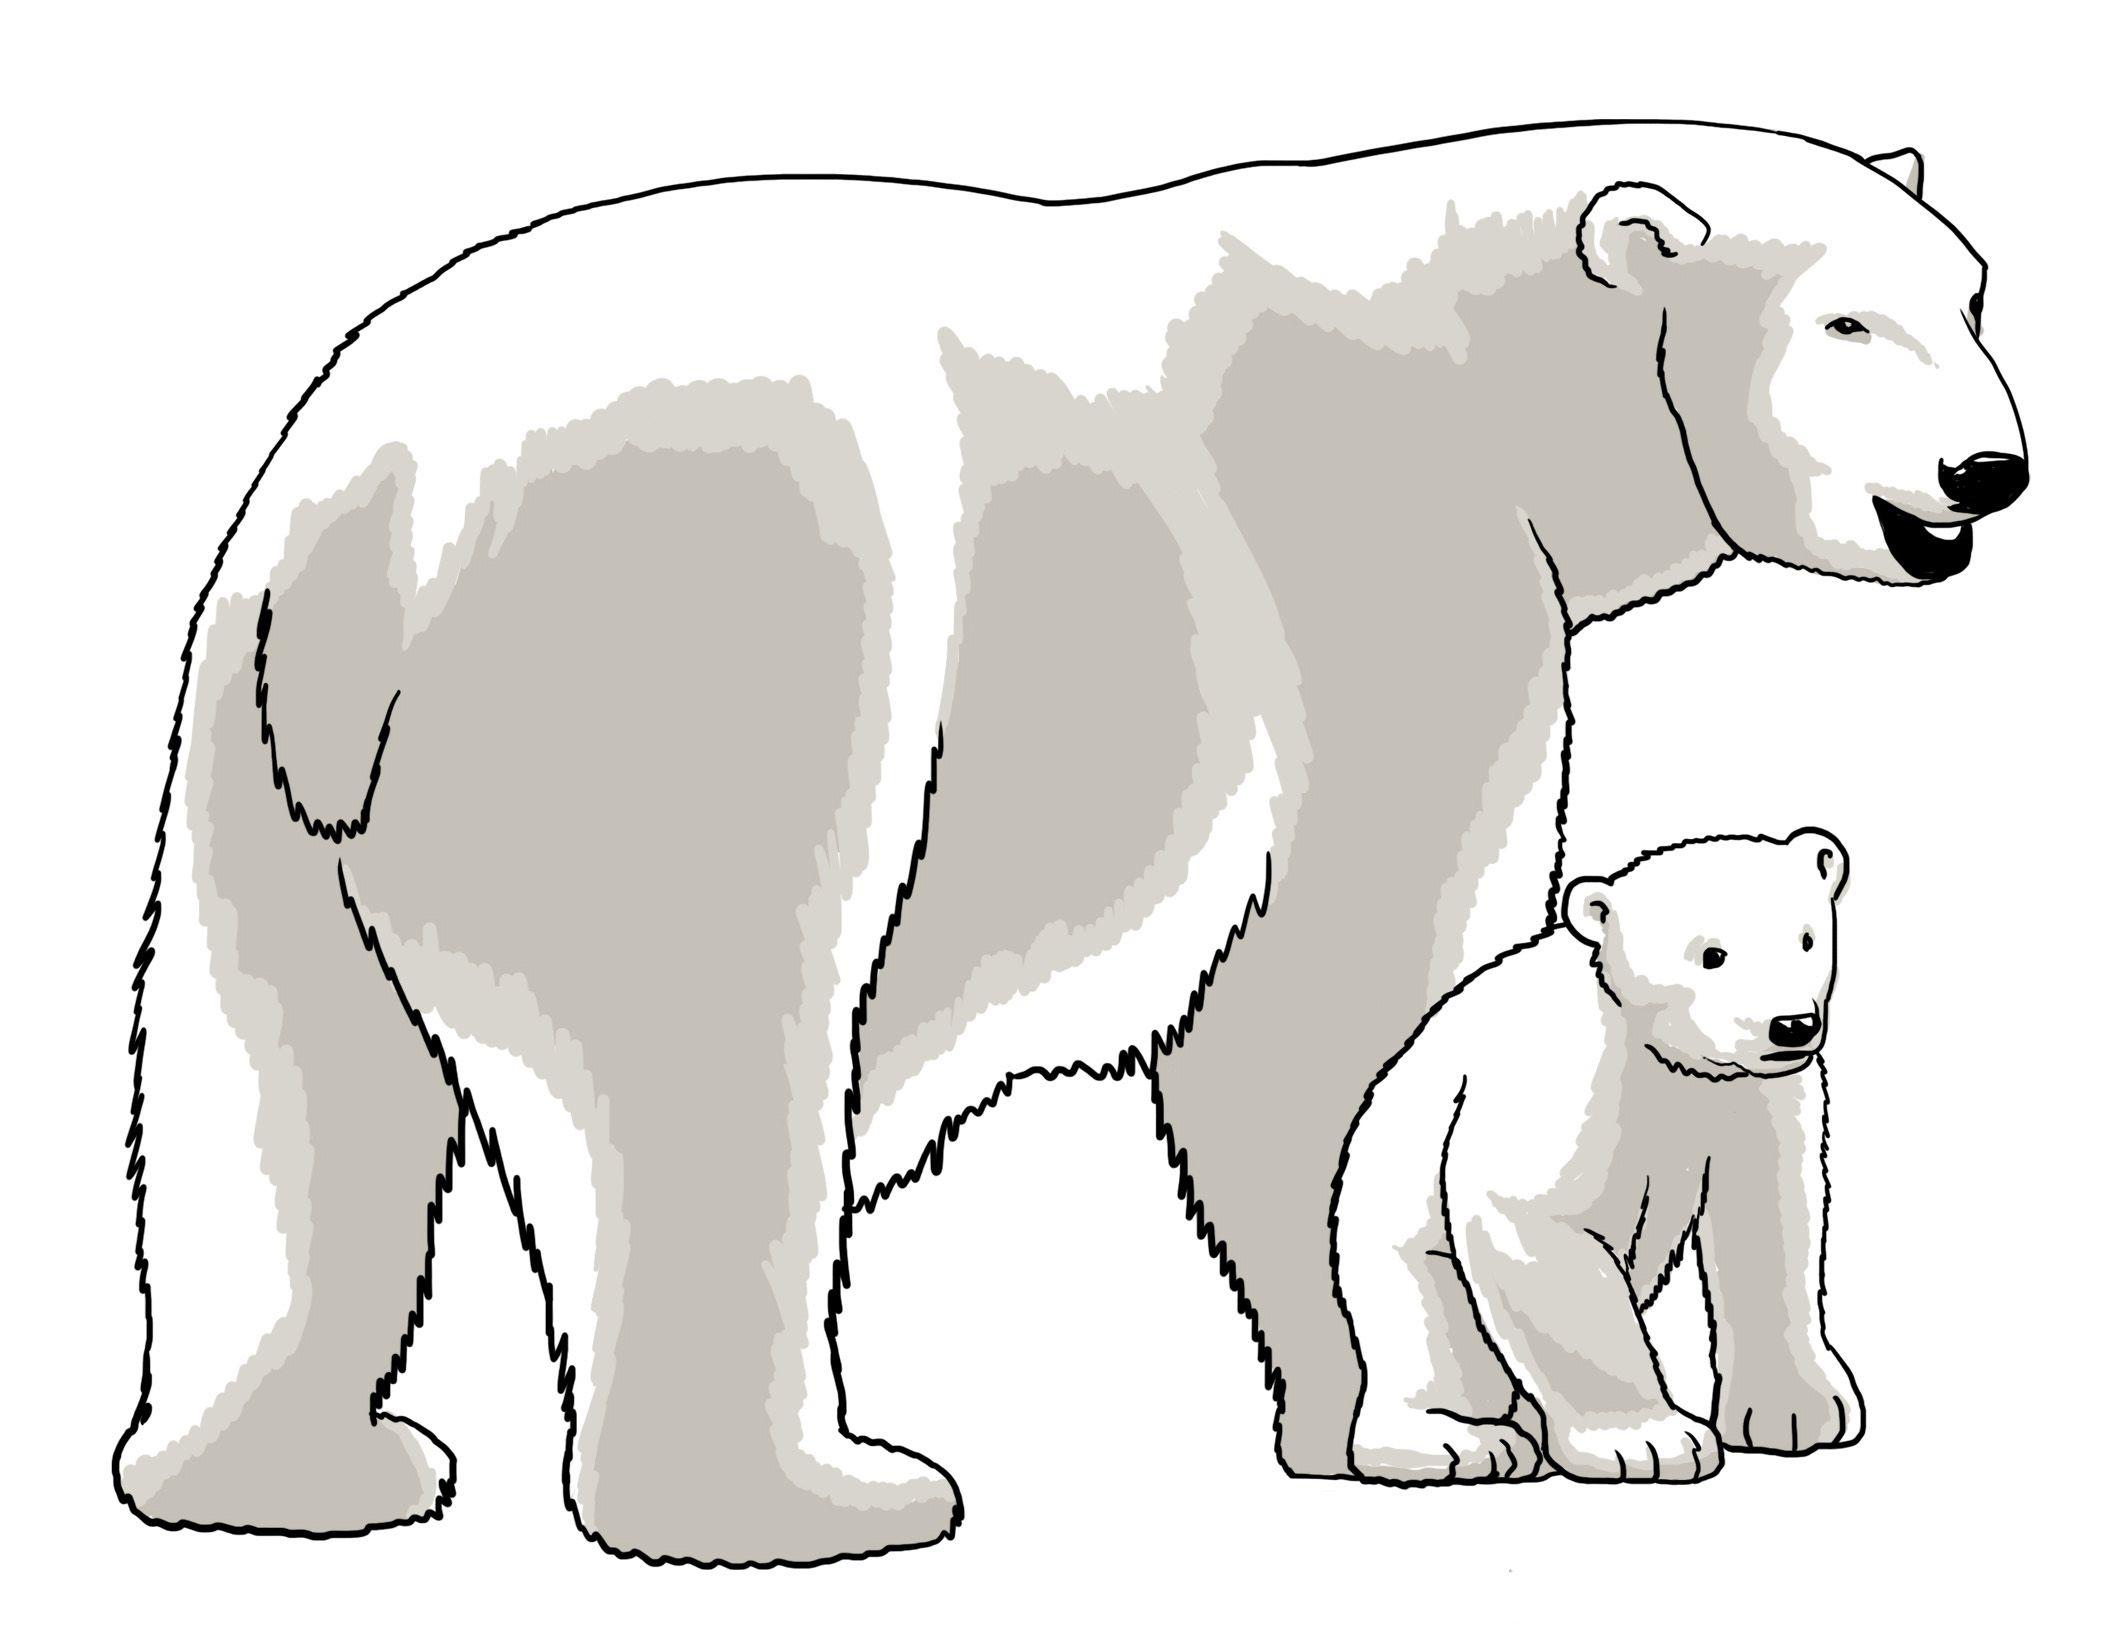 Kostenlose Zeichnungen Von Tieren Poster Bilder Pdf Download Eisbar Bilder Tiere Zeichnungen